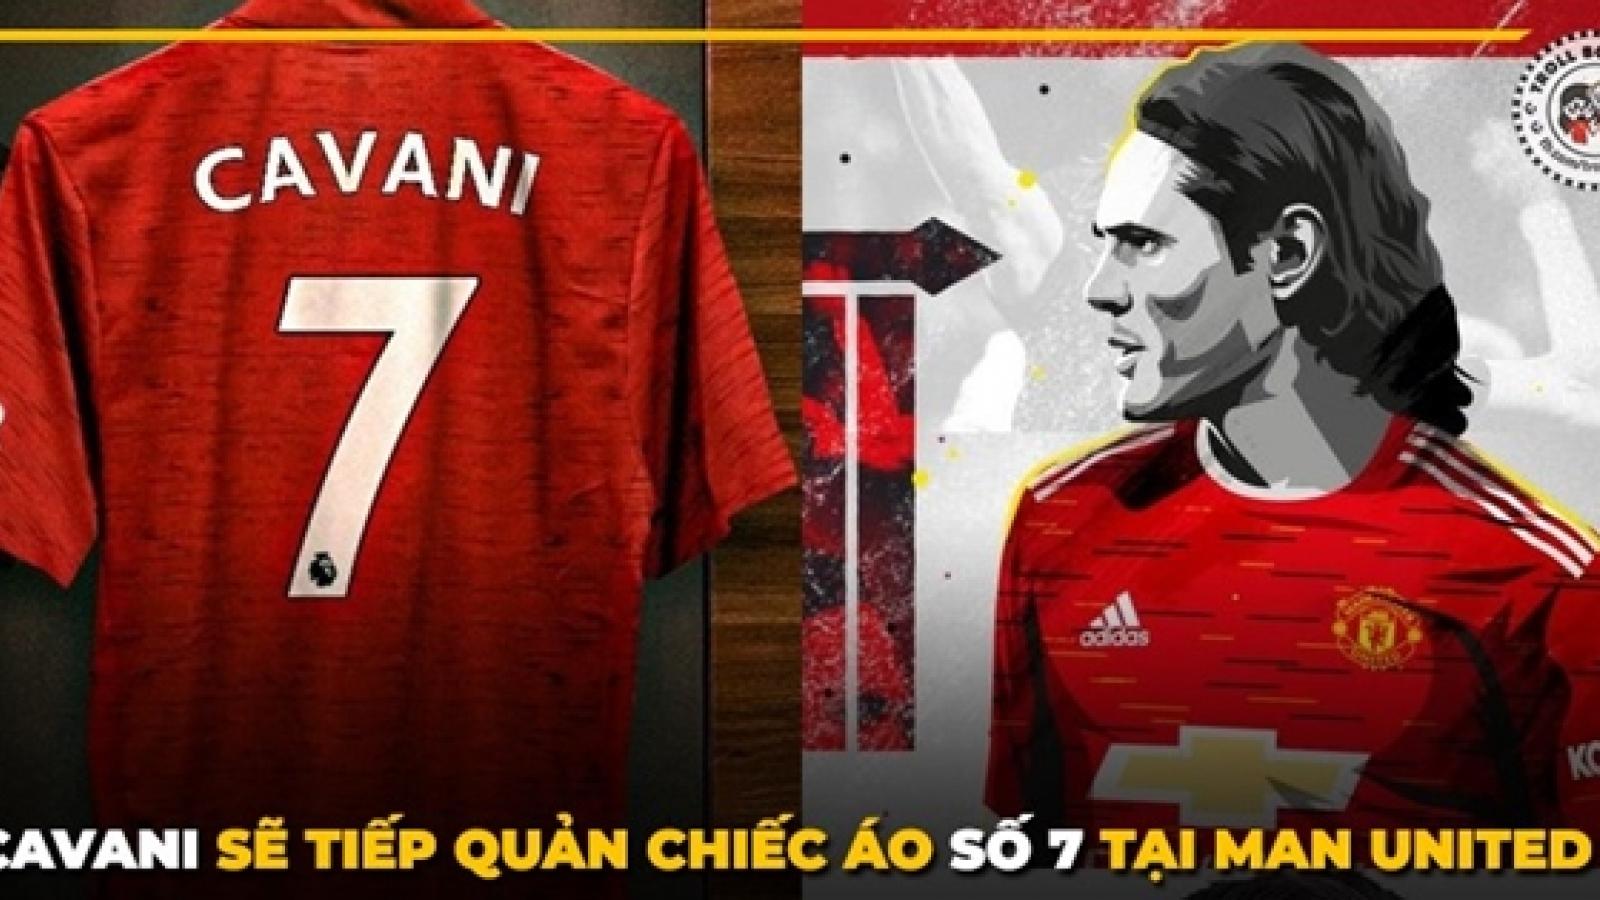 Biếm họa 24h: Cavani chịu gánh nặng nghìn cân từ chiếc áo số 7 của MU